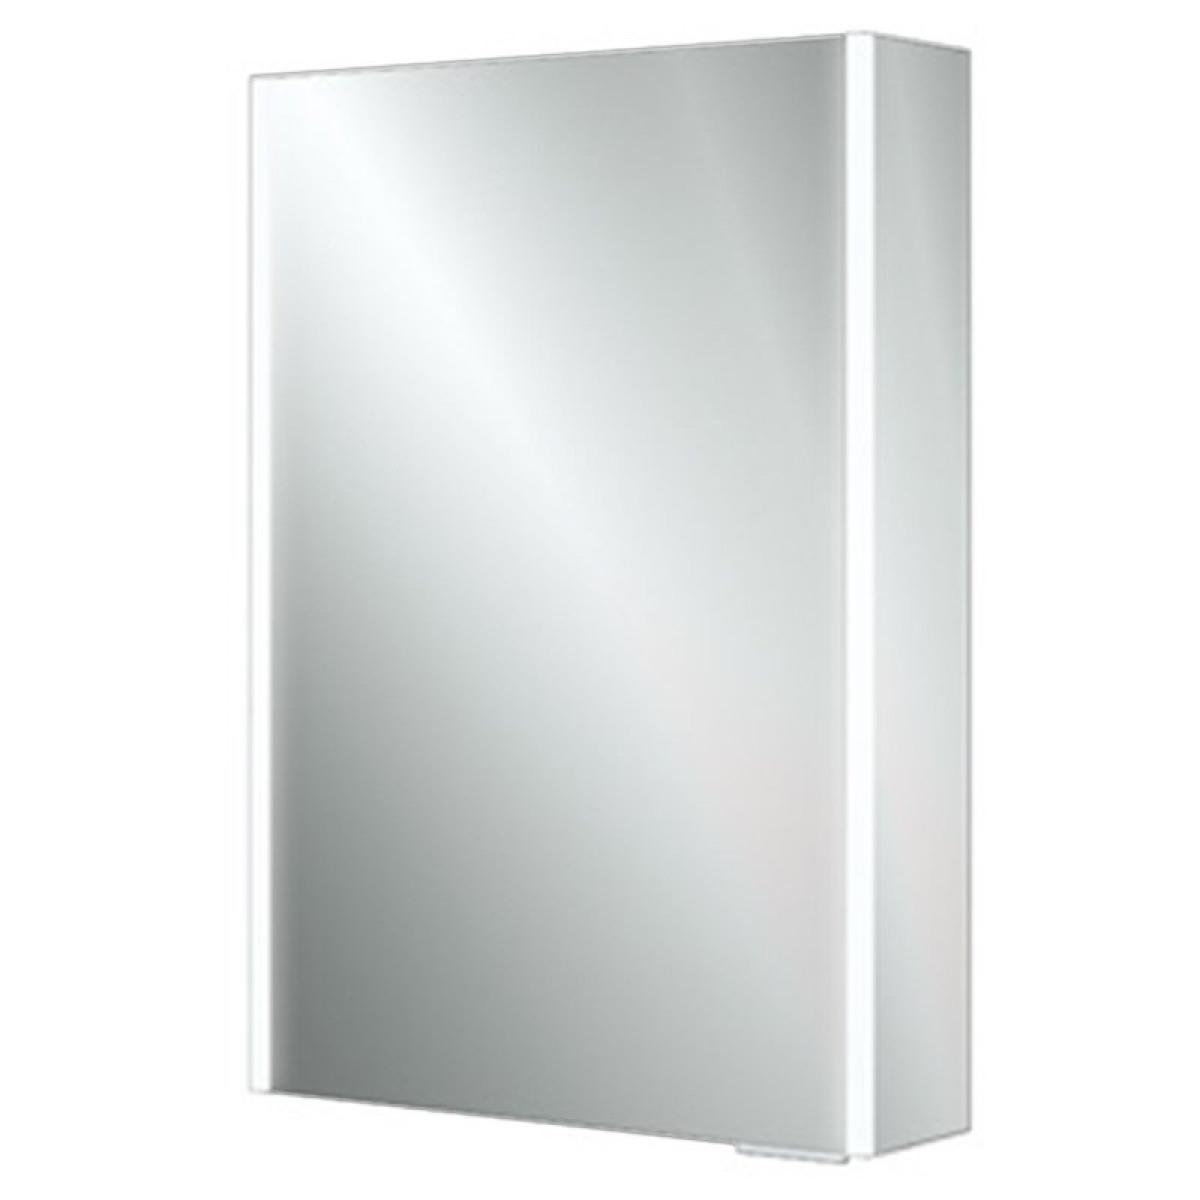 Hib xenon 50 led aluminium illuminated bathroom cabinet for Bathroom cabinets led